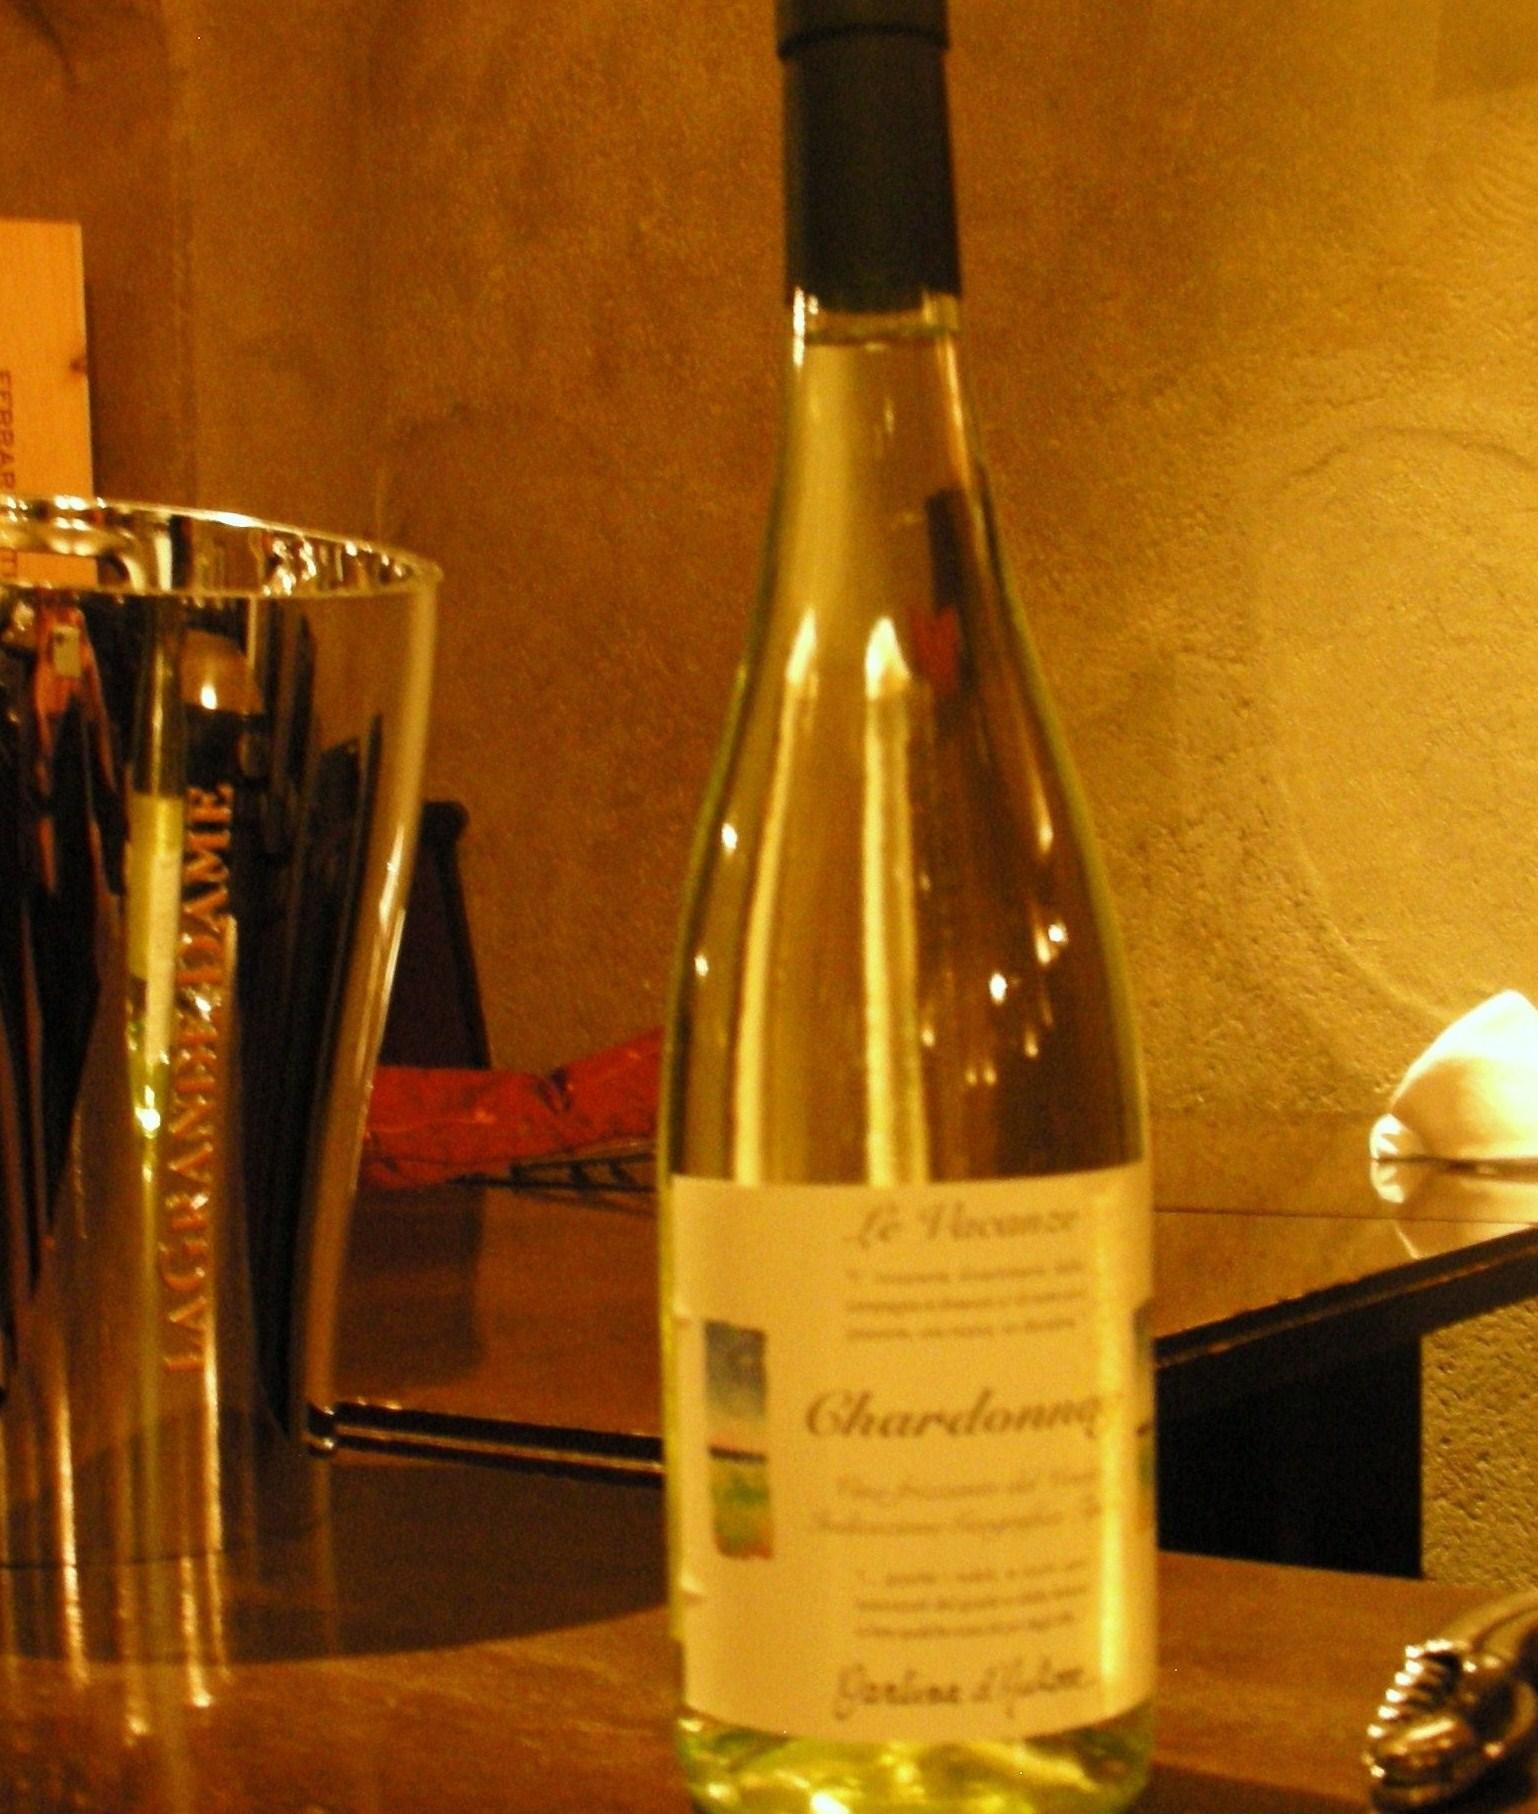 インクローチの前菜にぴったりのワイン入荷しましたよ!_a0131349_1853440.jpg